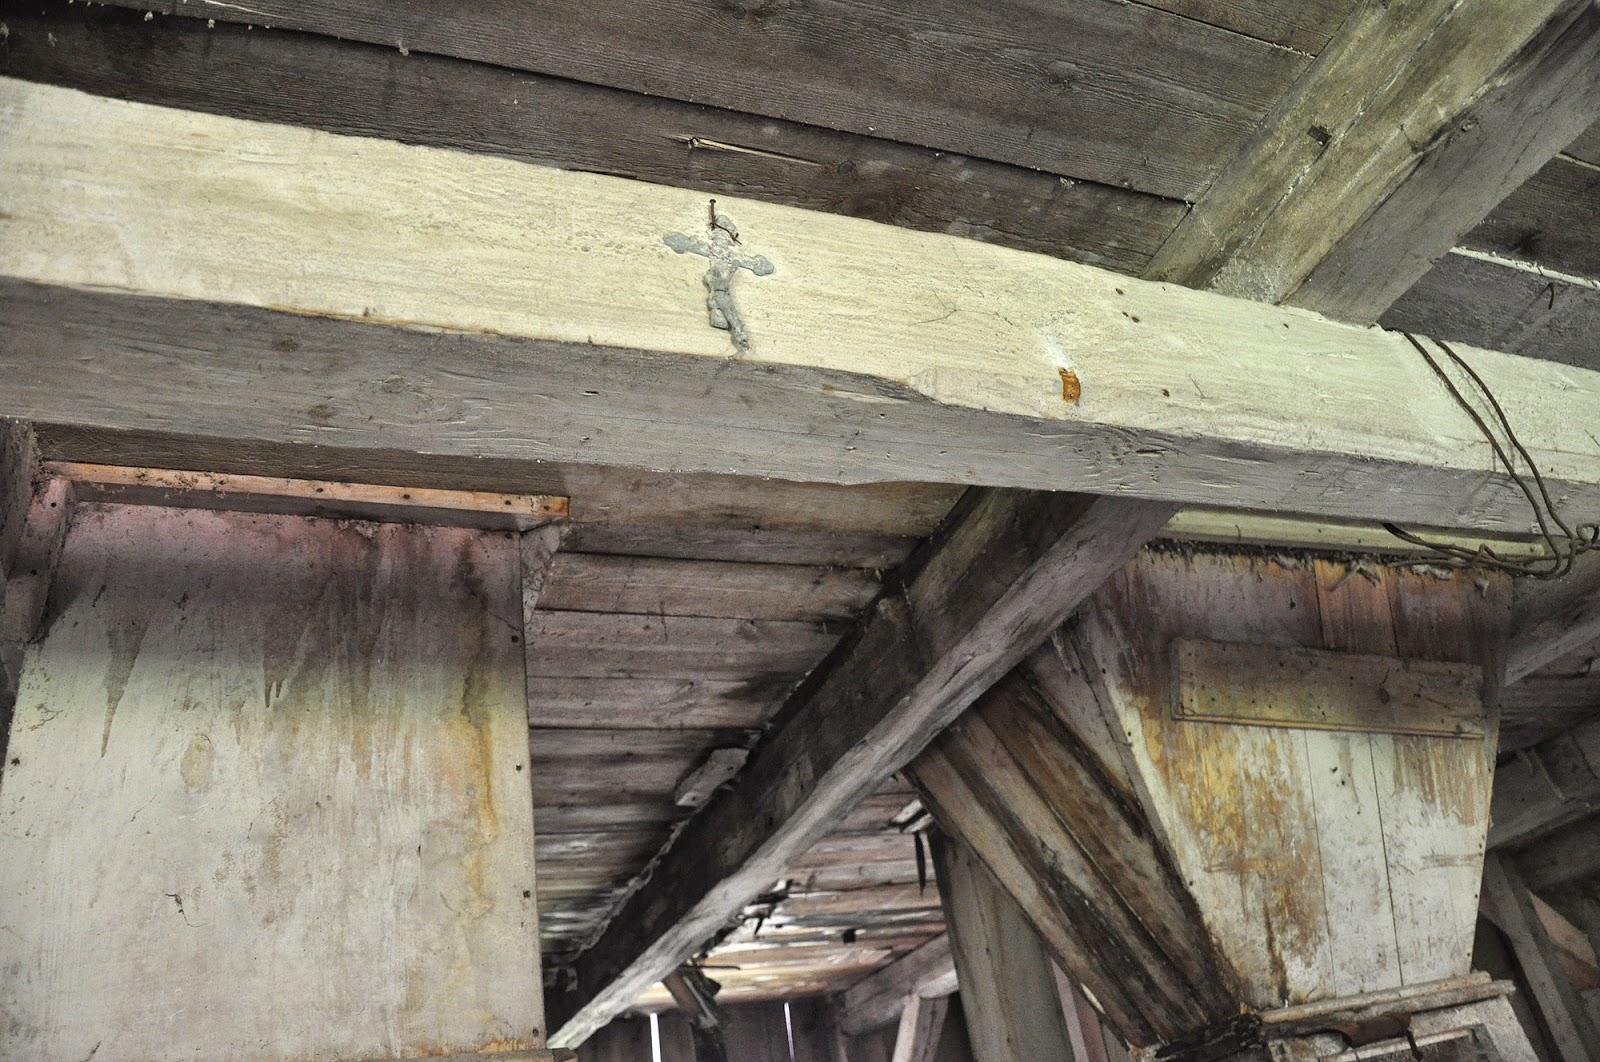 Końskie, ul. Gimnazjalna 37b, wnętrze młyna. Na tragarzu umieszczony krzyż Męki Pańskiej. Czerwiec 2014, foto. KW.